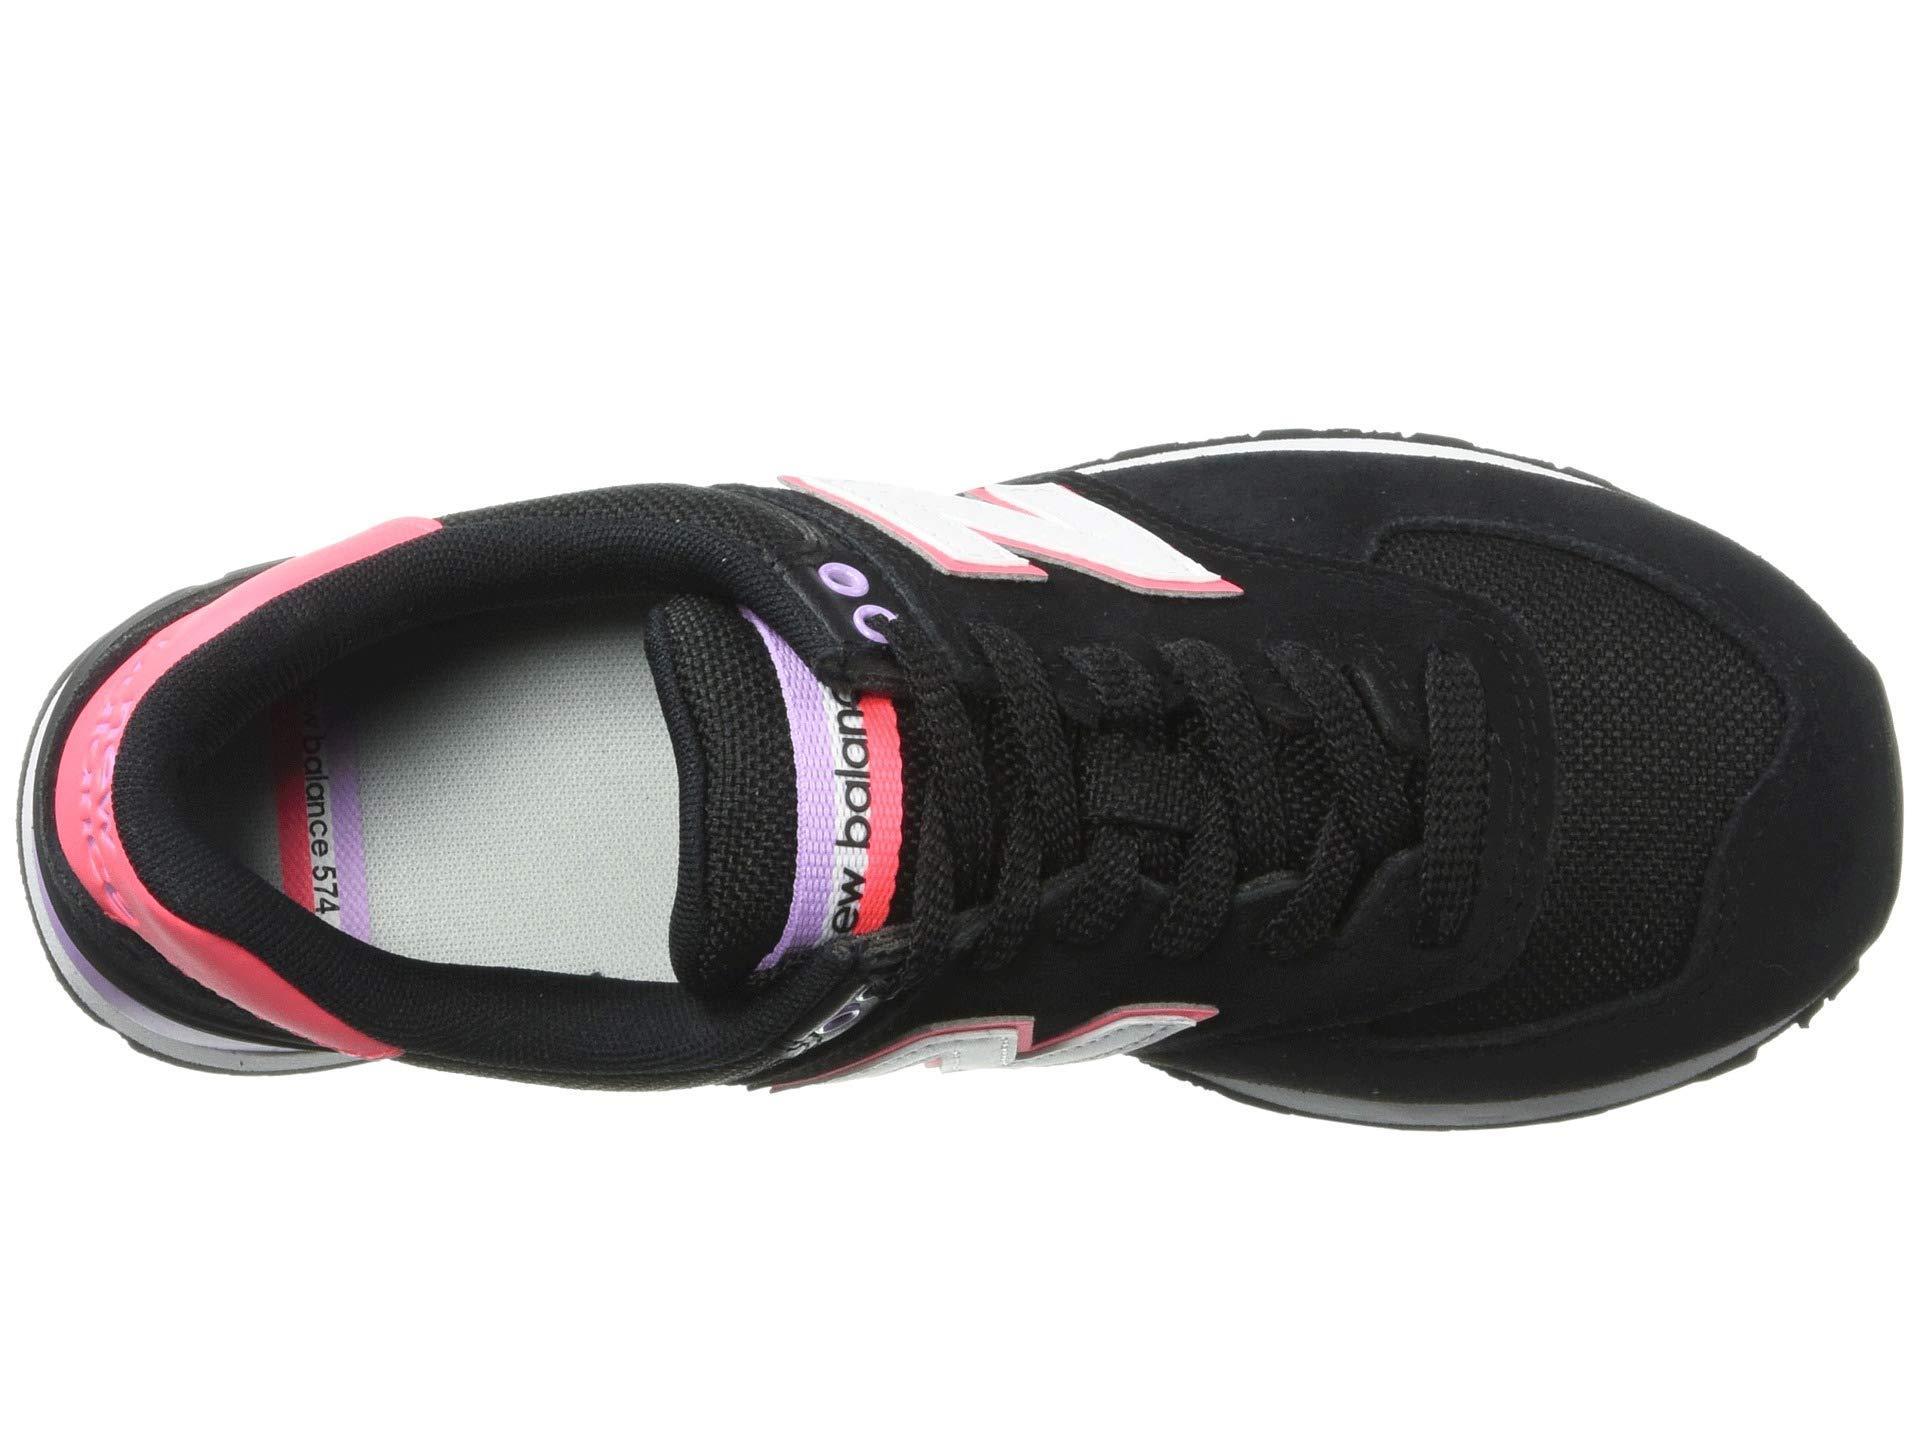 1150a22a5628b New Balance - Black 574 Summer Shore (arctic Fox/pigment) Women's Classic  Shoes. View fullscreen